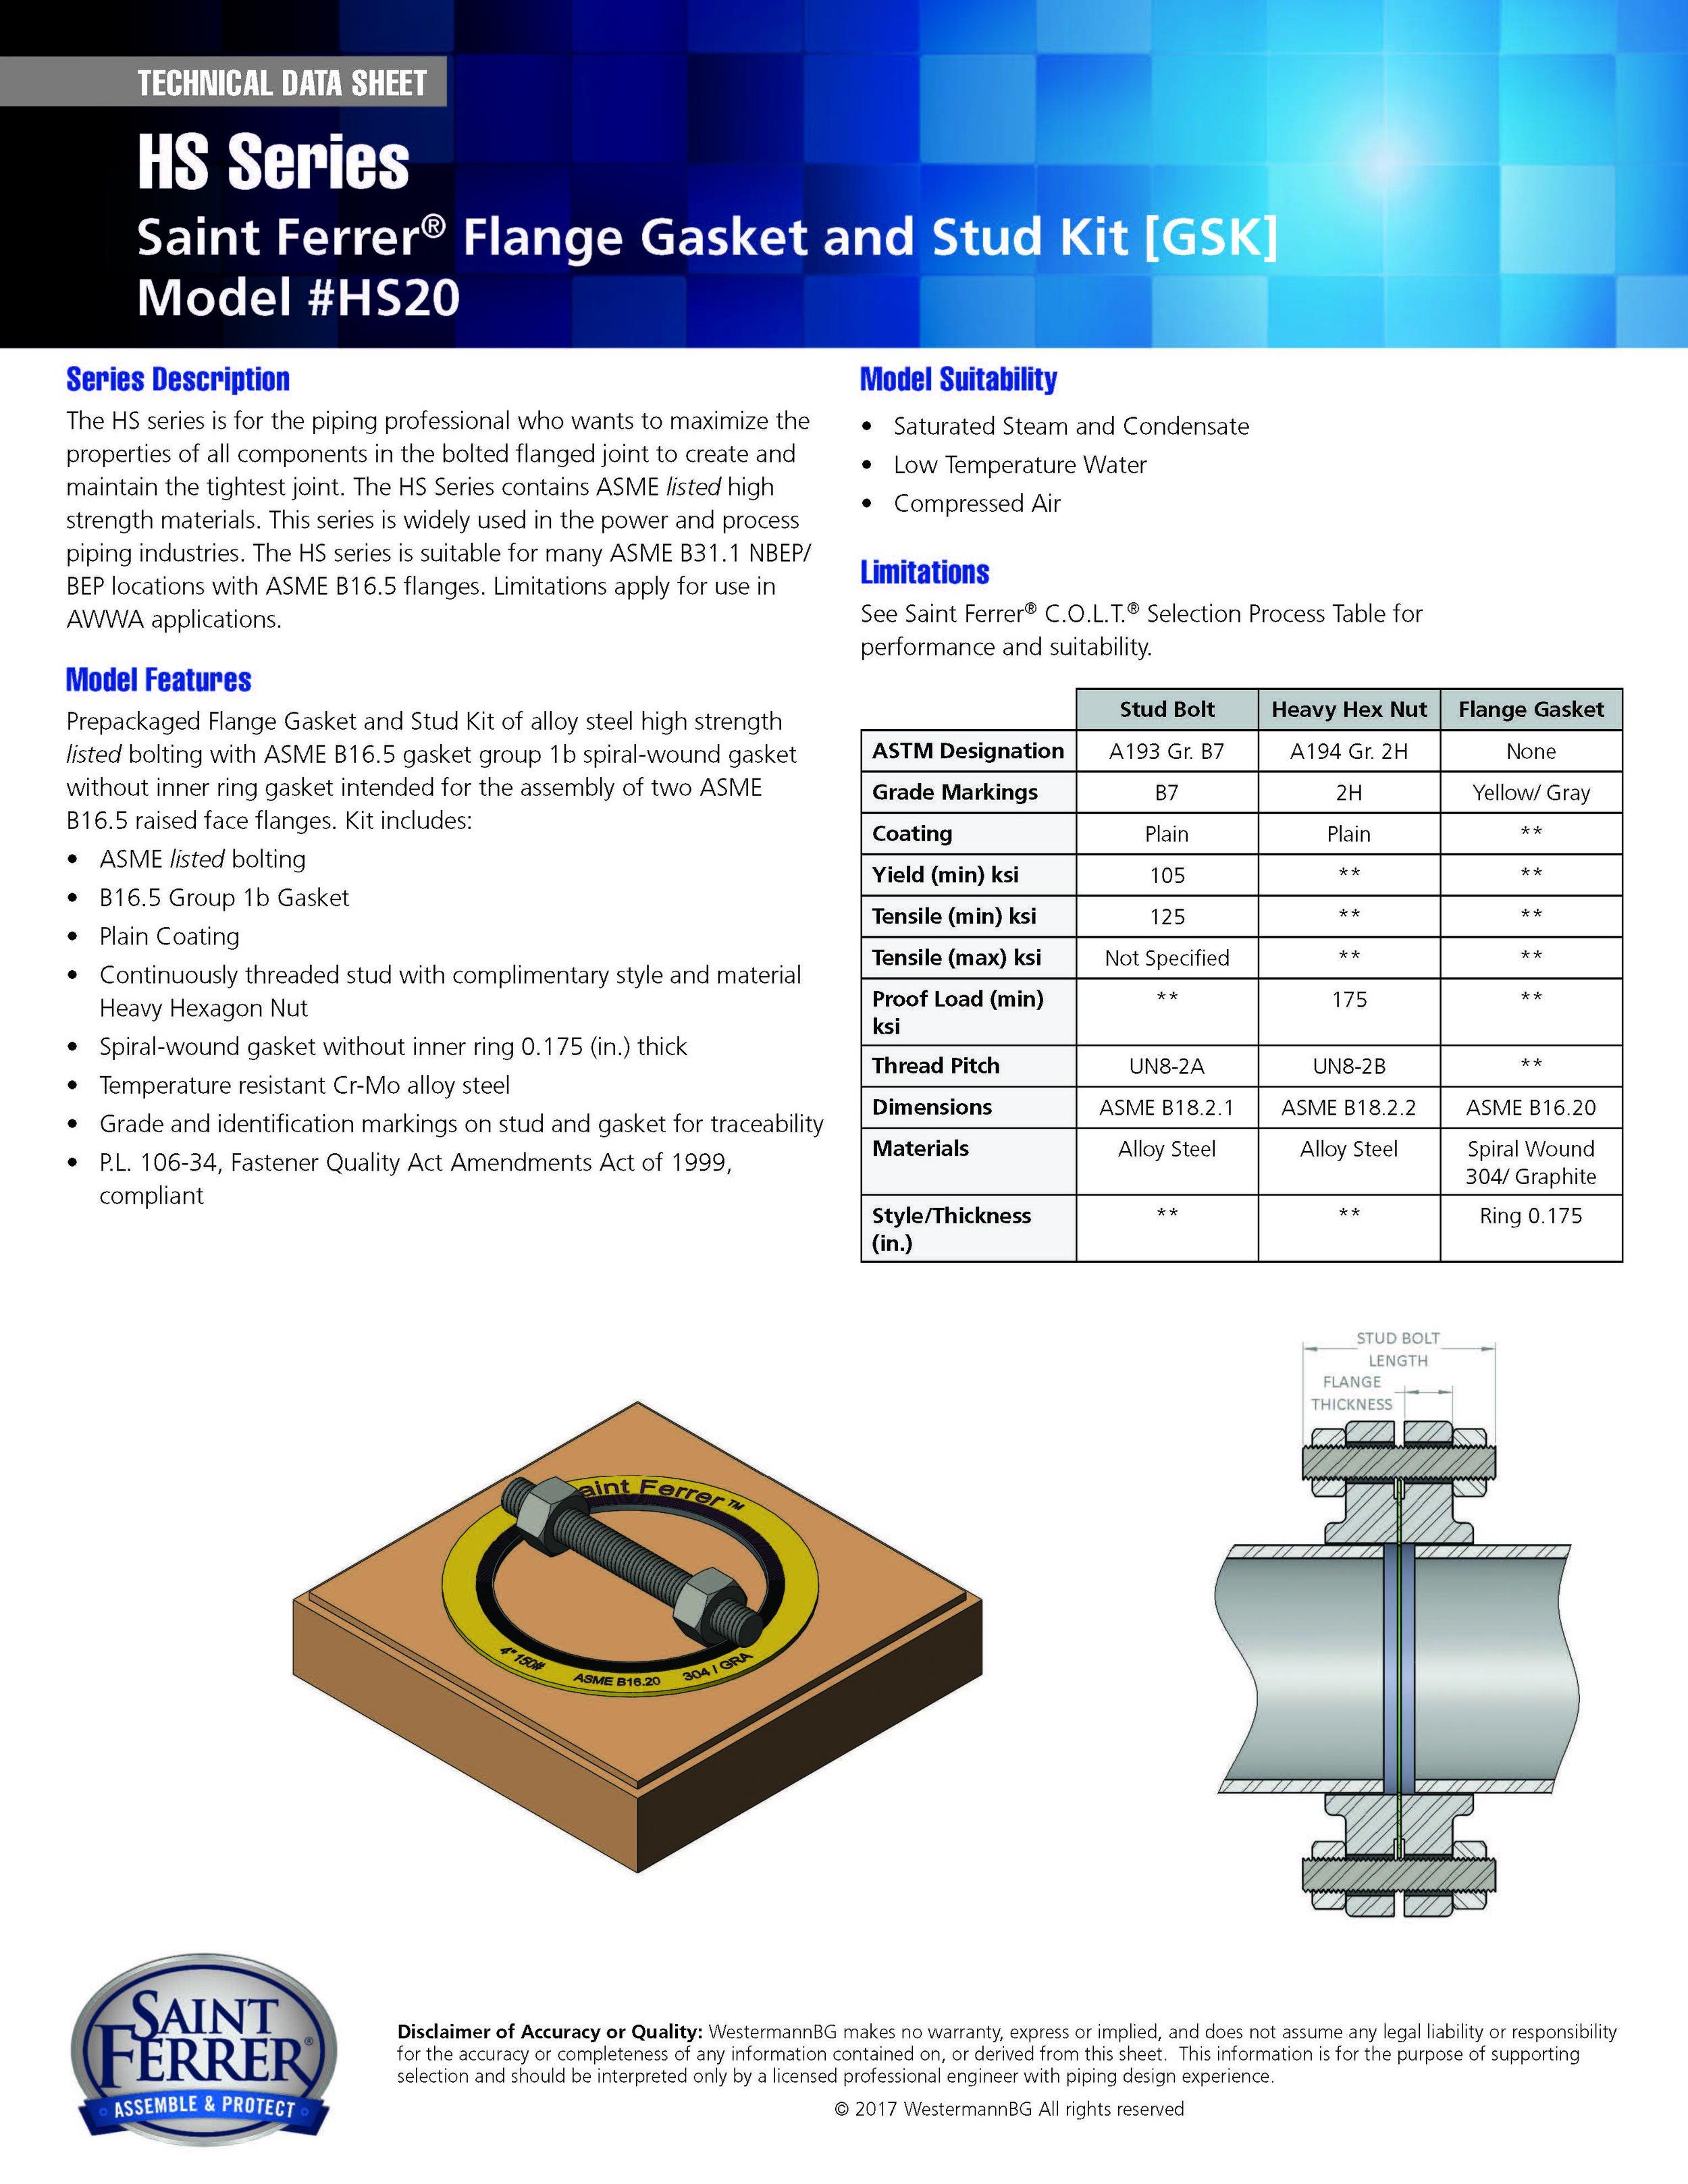 SF_Data_Sheet_HS_Series_HS20.jpg